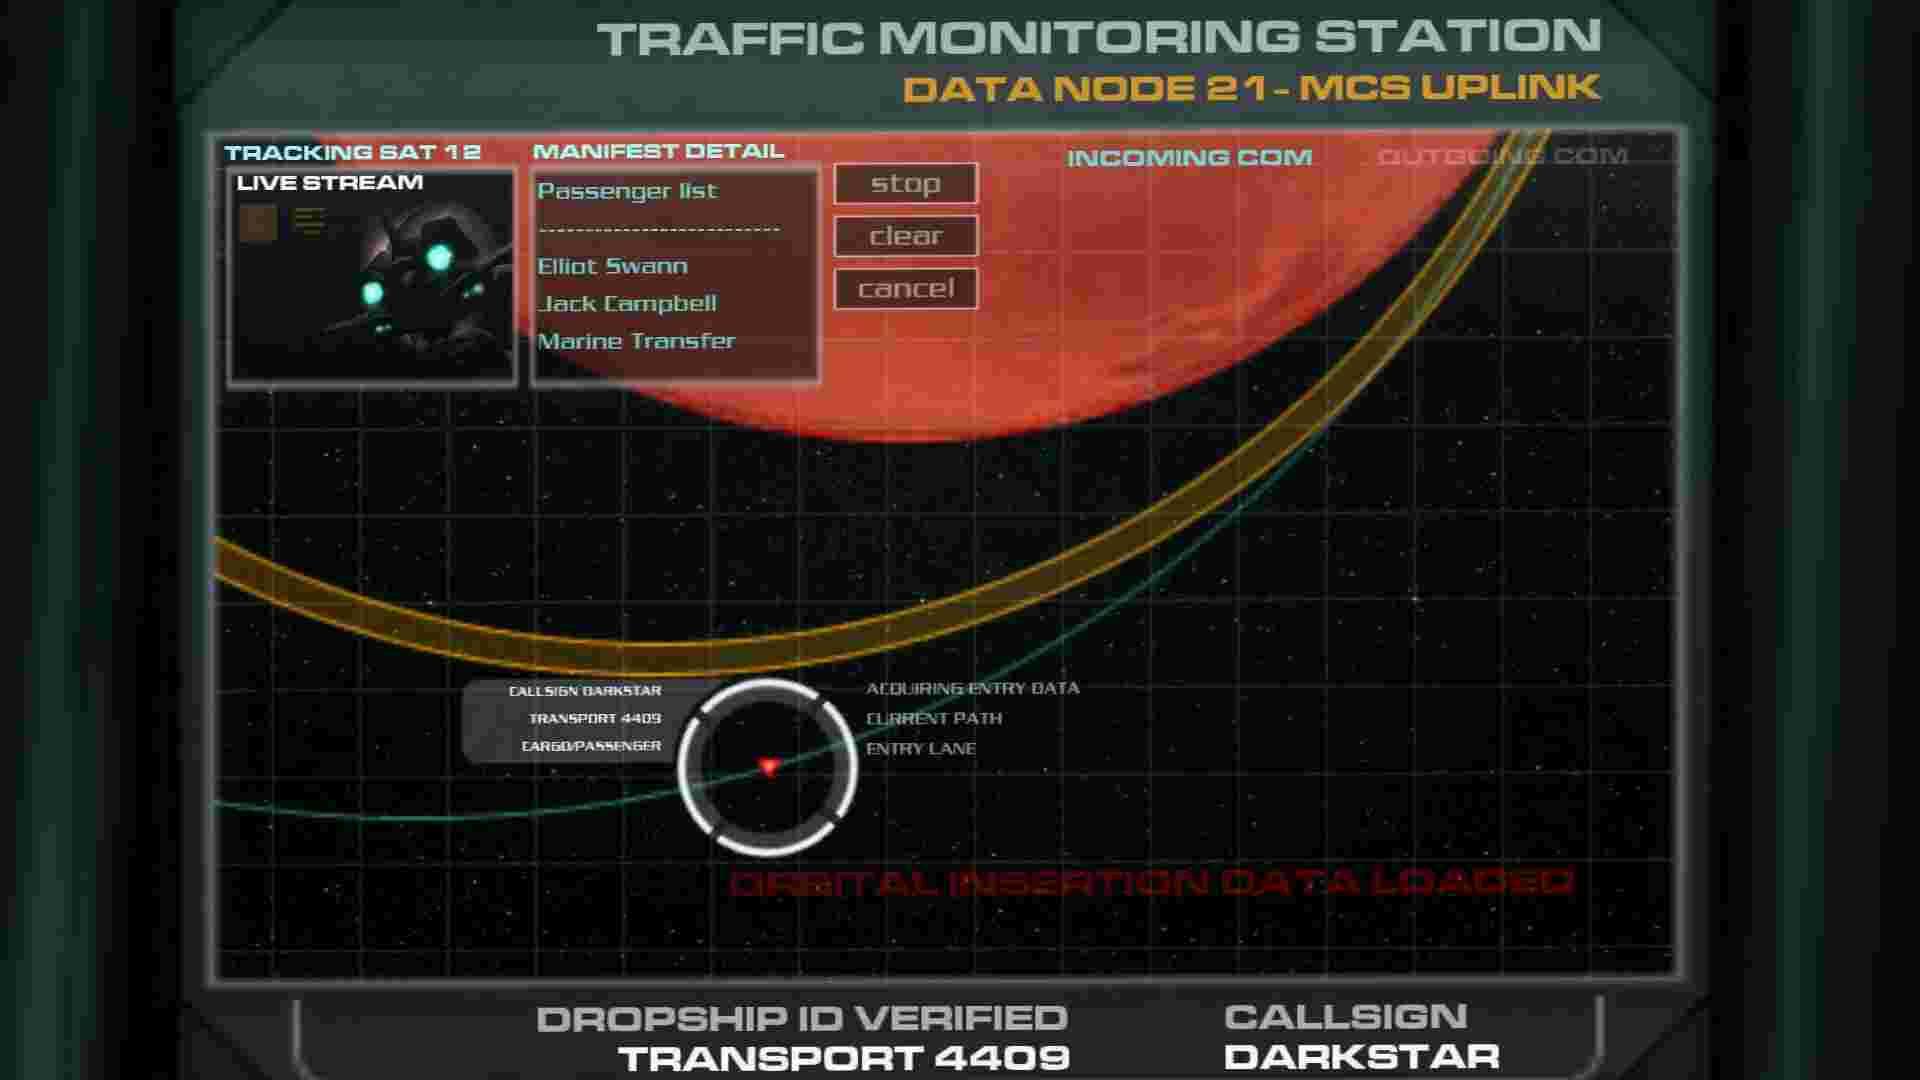 Гра тішить великою кількістю моніторів з досить осмисленими картинками